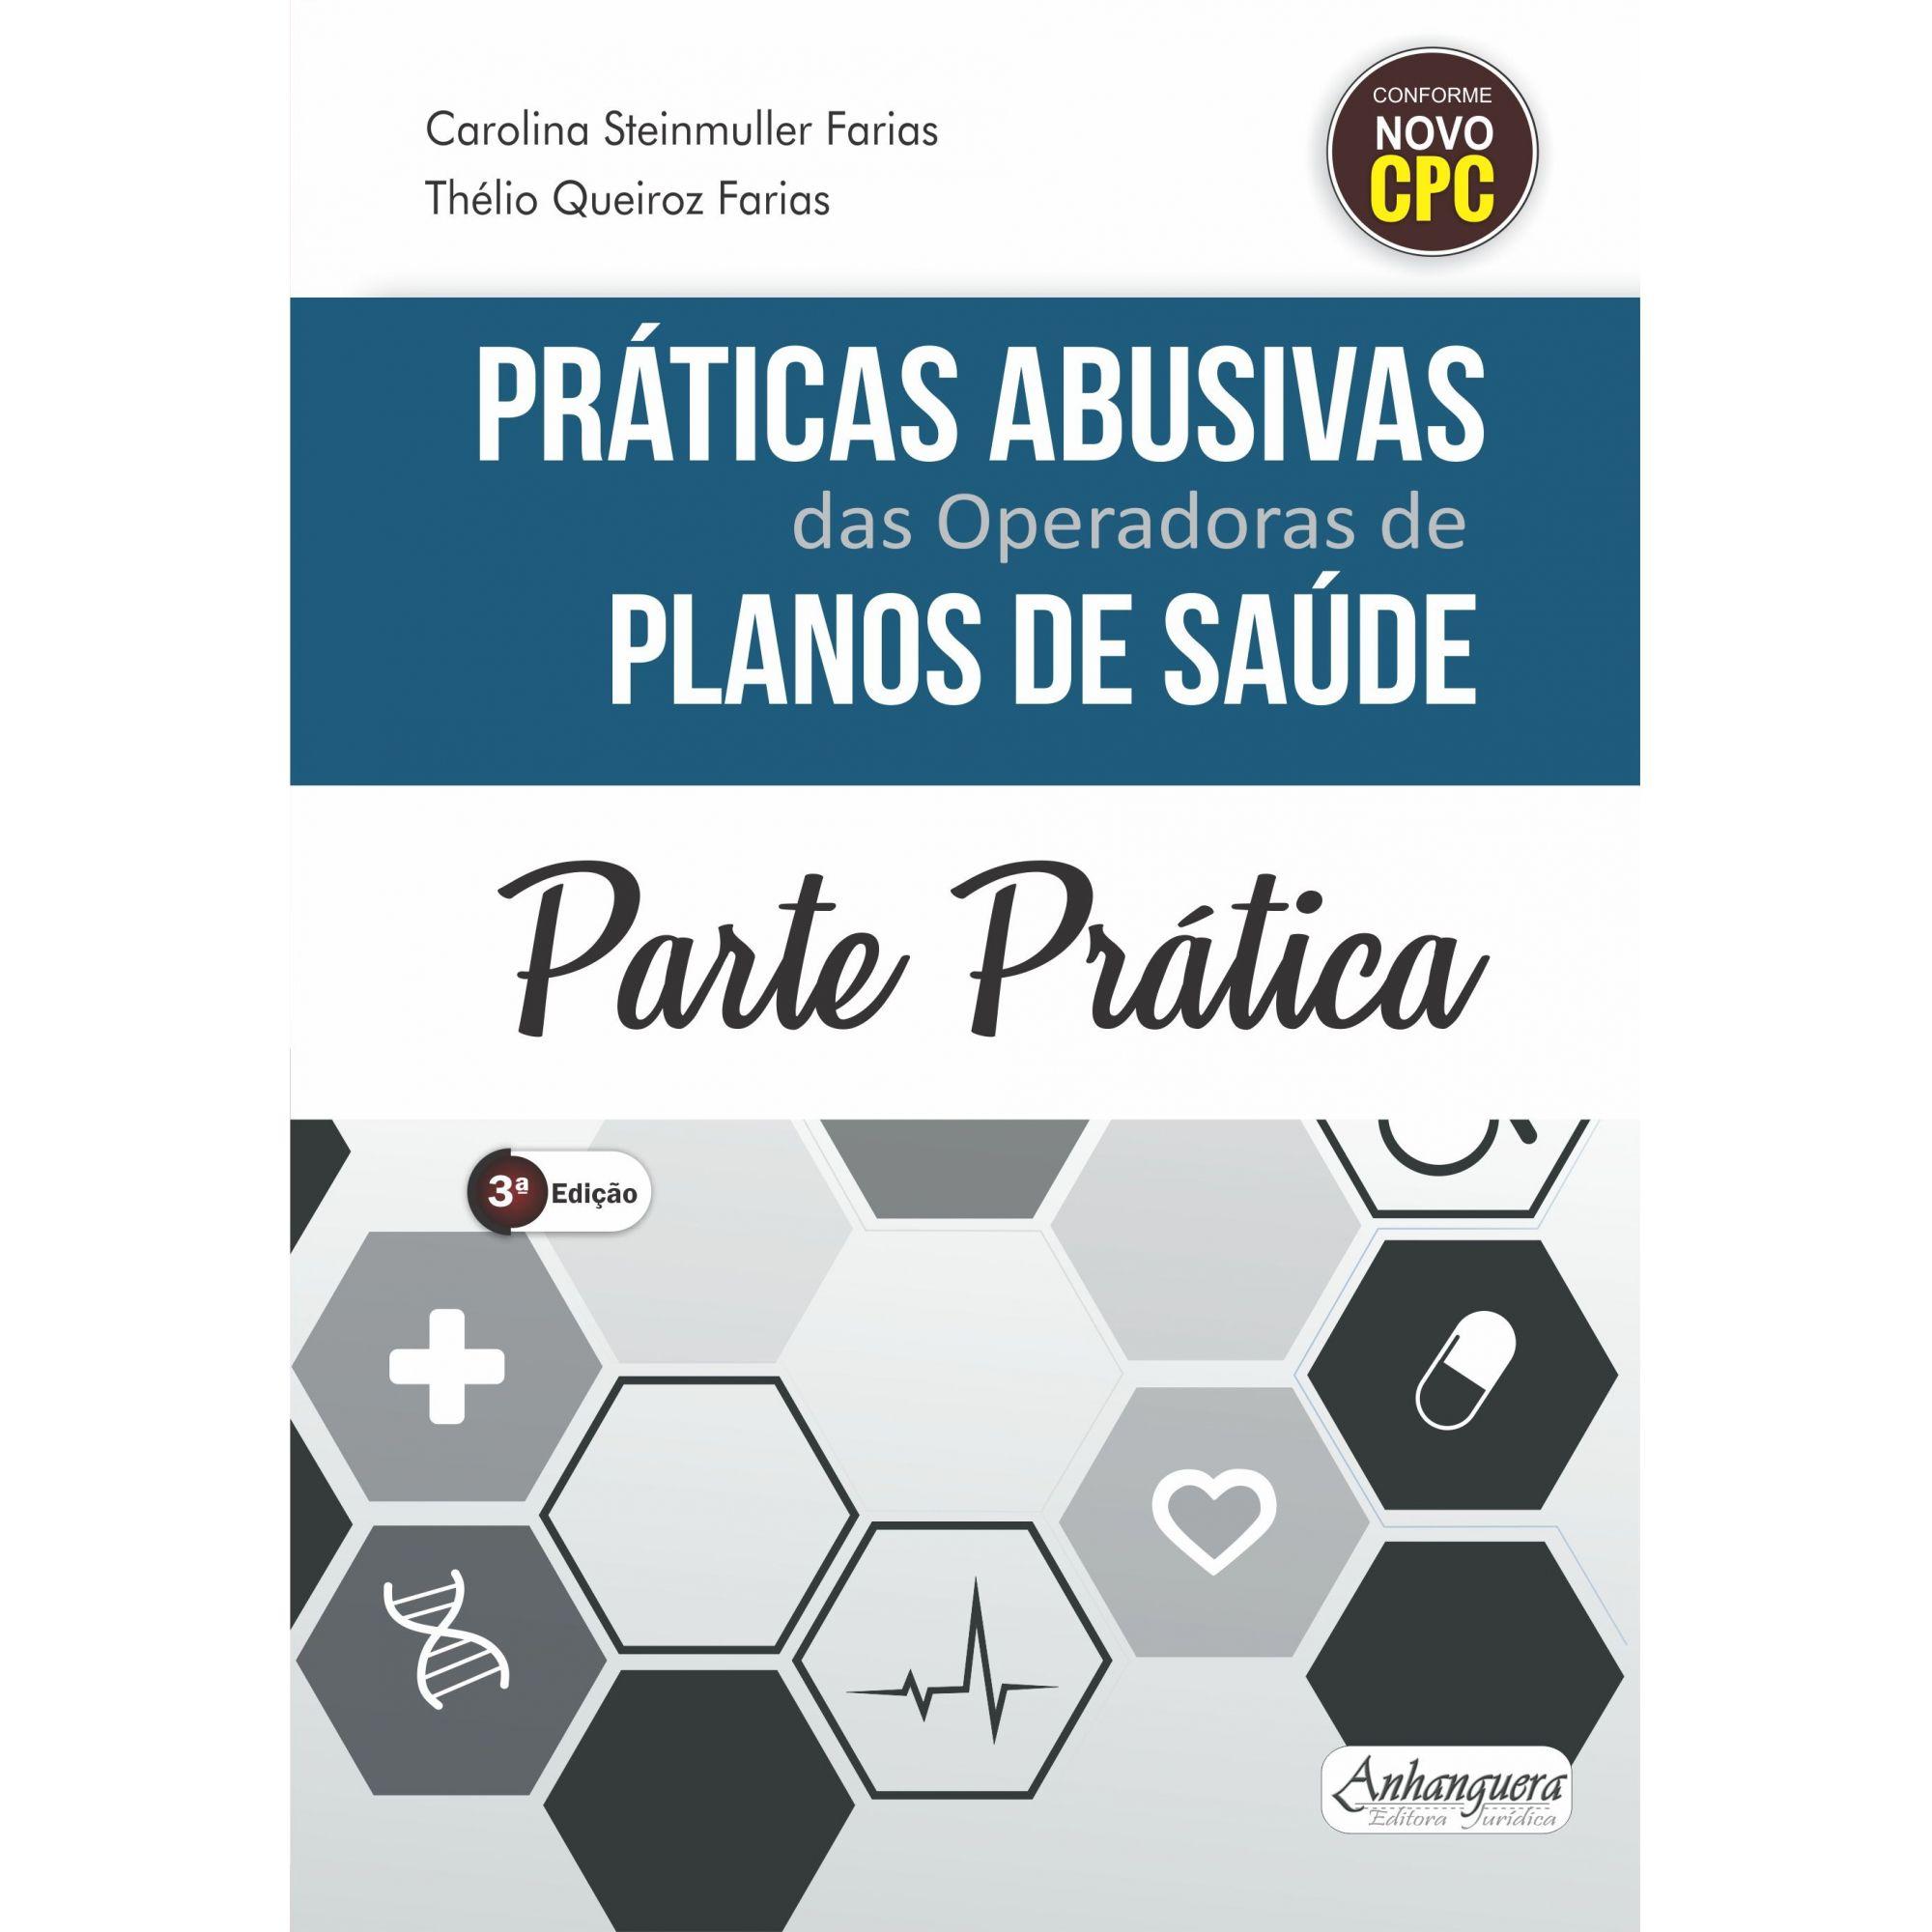 Parte Prática - Práticas Abusivas das Operadoras de Planos de Saúde (SOMENTE PARTE PRÁTICA)  - Edijur Editora